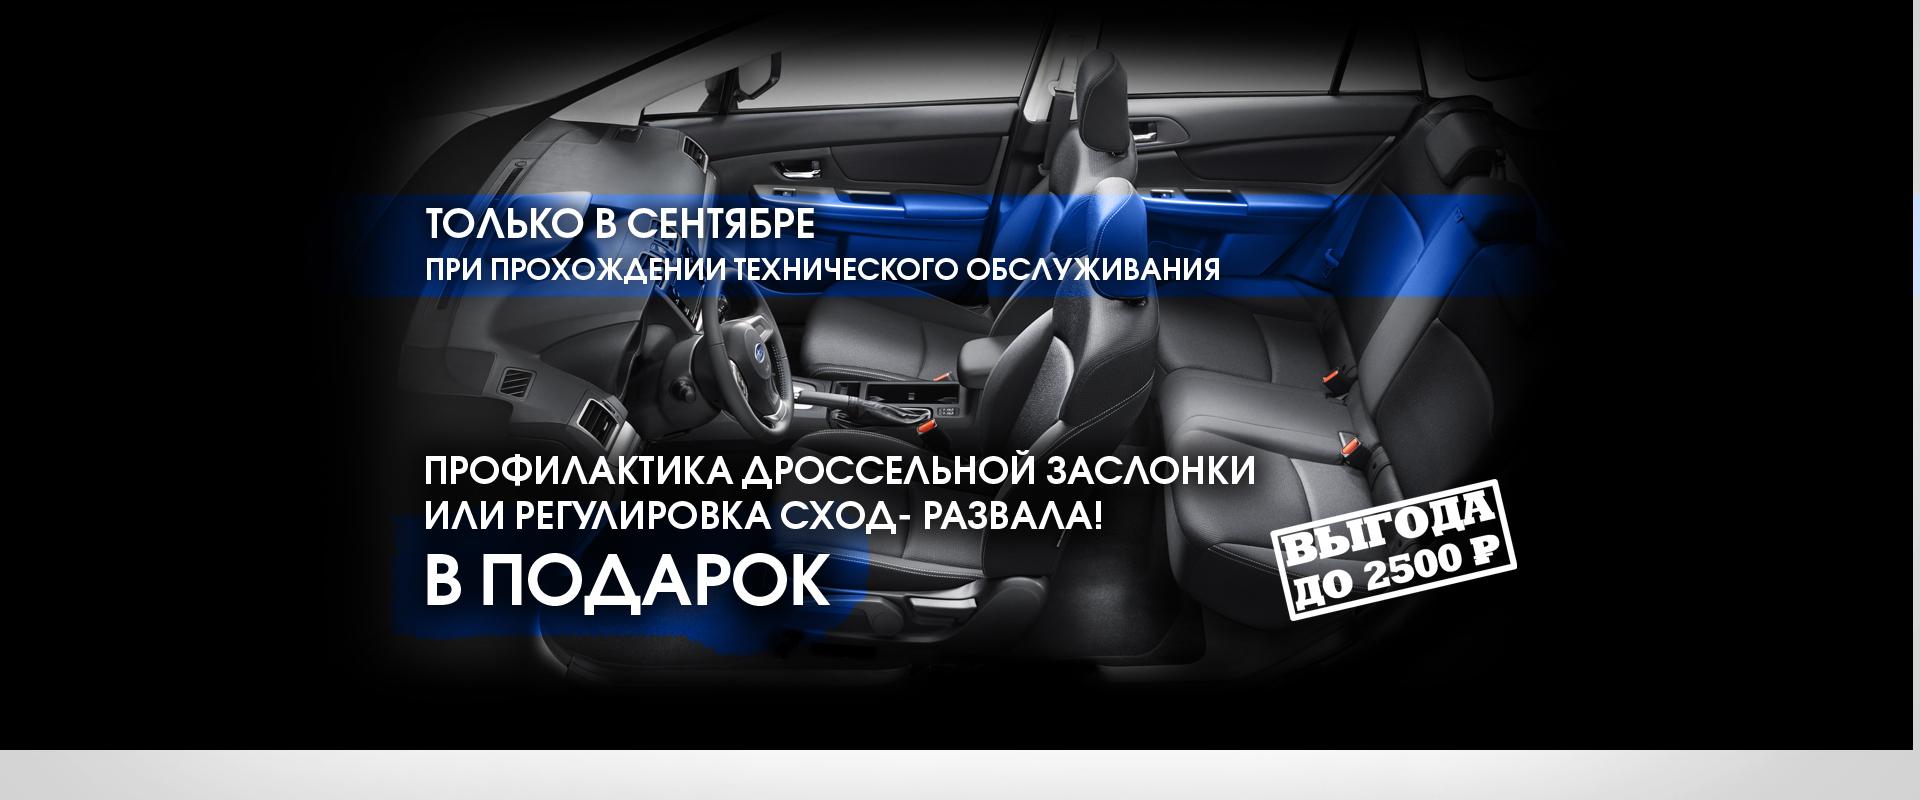 Специальное предложение для владельцев Subaru